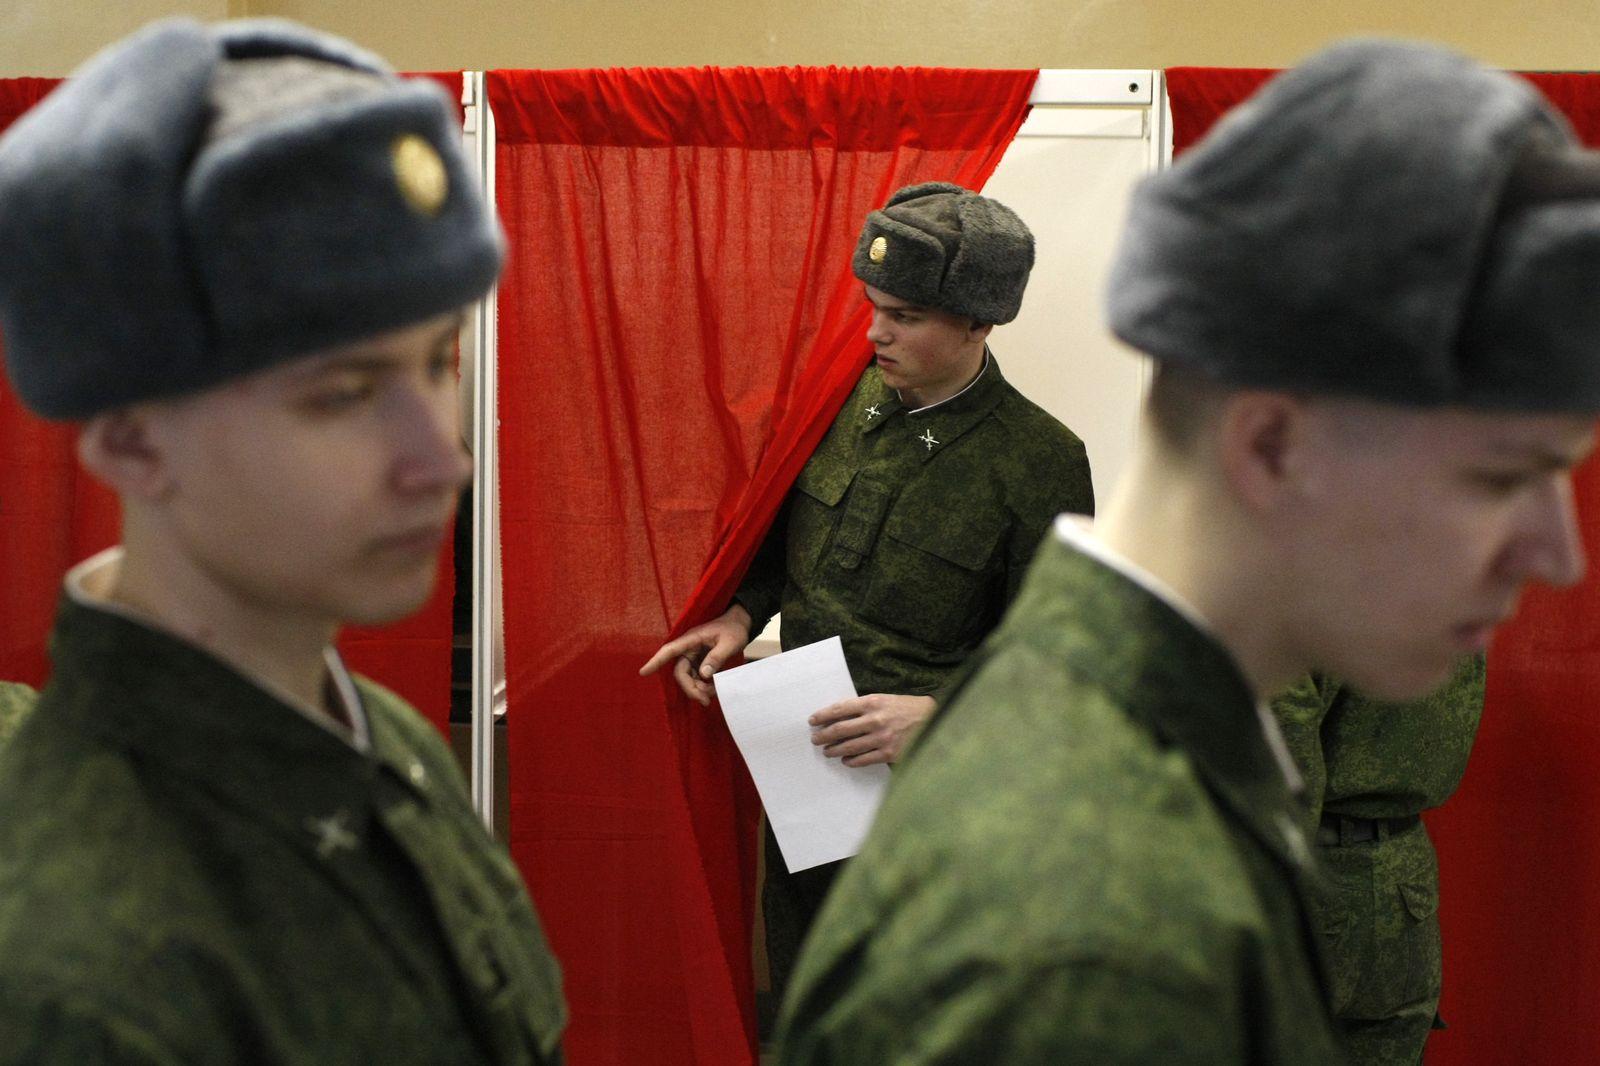 XXL Russland/ Wahl/ Wahlbüro